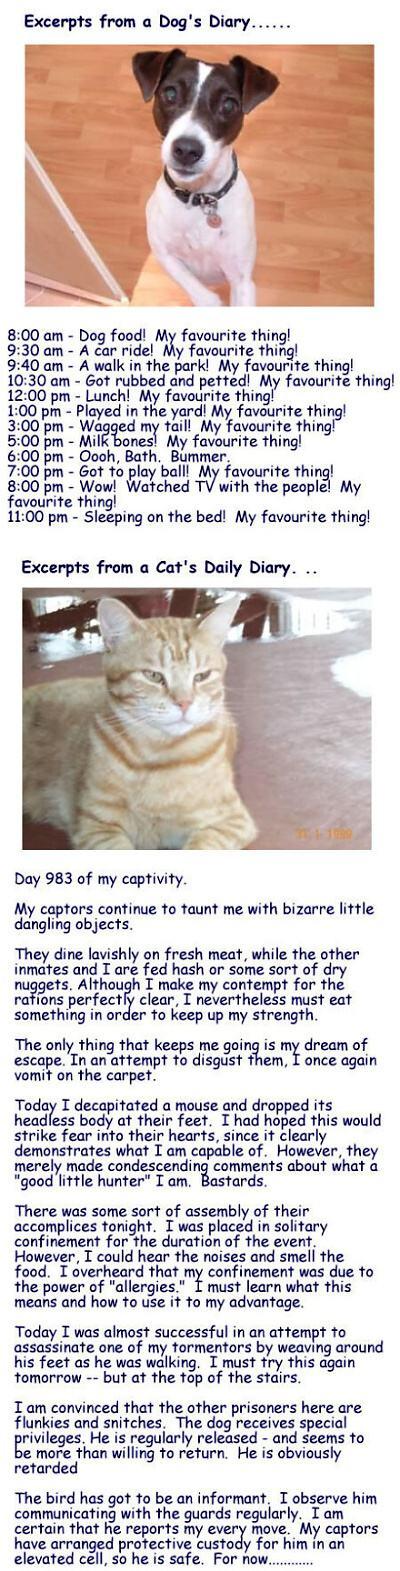 Dog Diary Vs Cat Diary